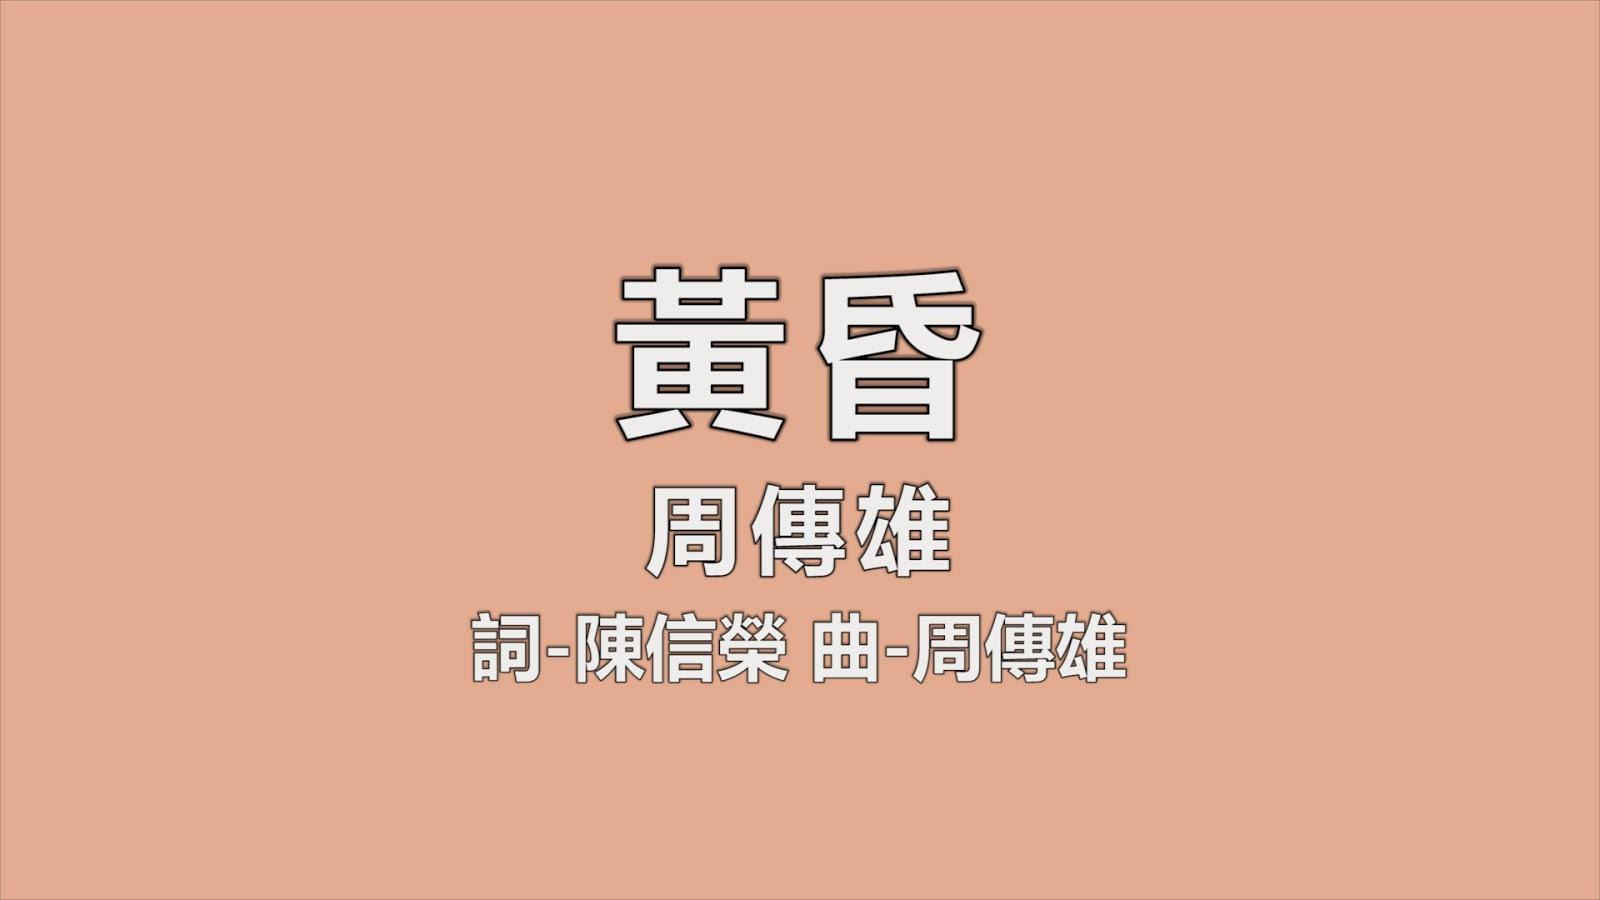 音樂暫留藝術: 周傳雄 黃昏【醇歌詞/Lyrics】